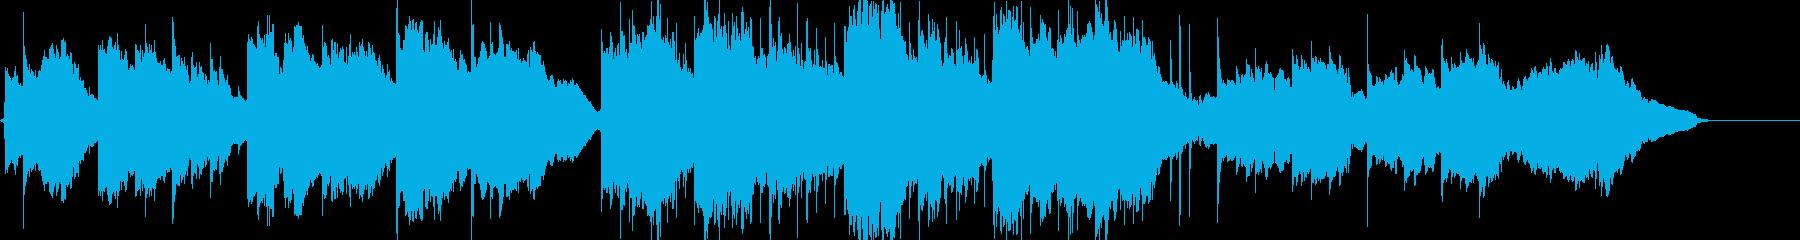 生演奏ソプラノサックスの子守唄の再生済みの波形